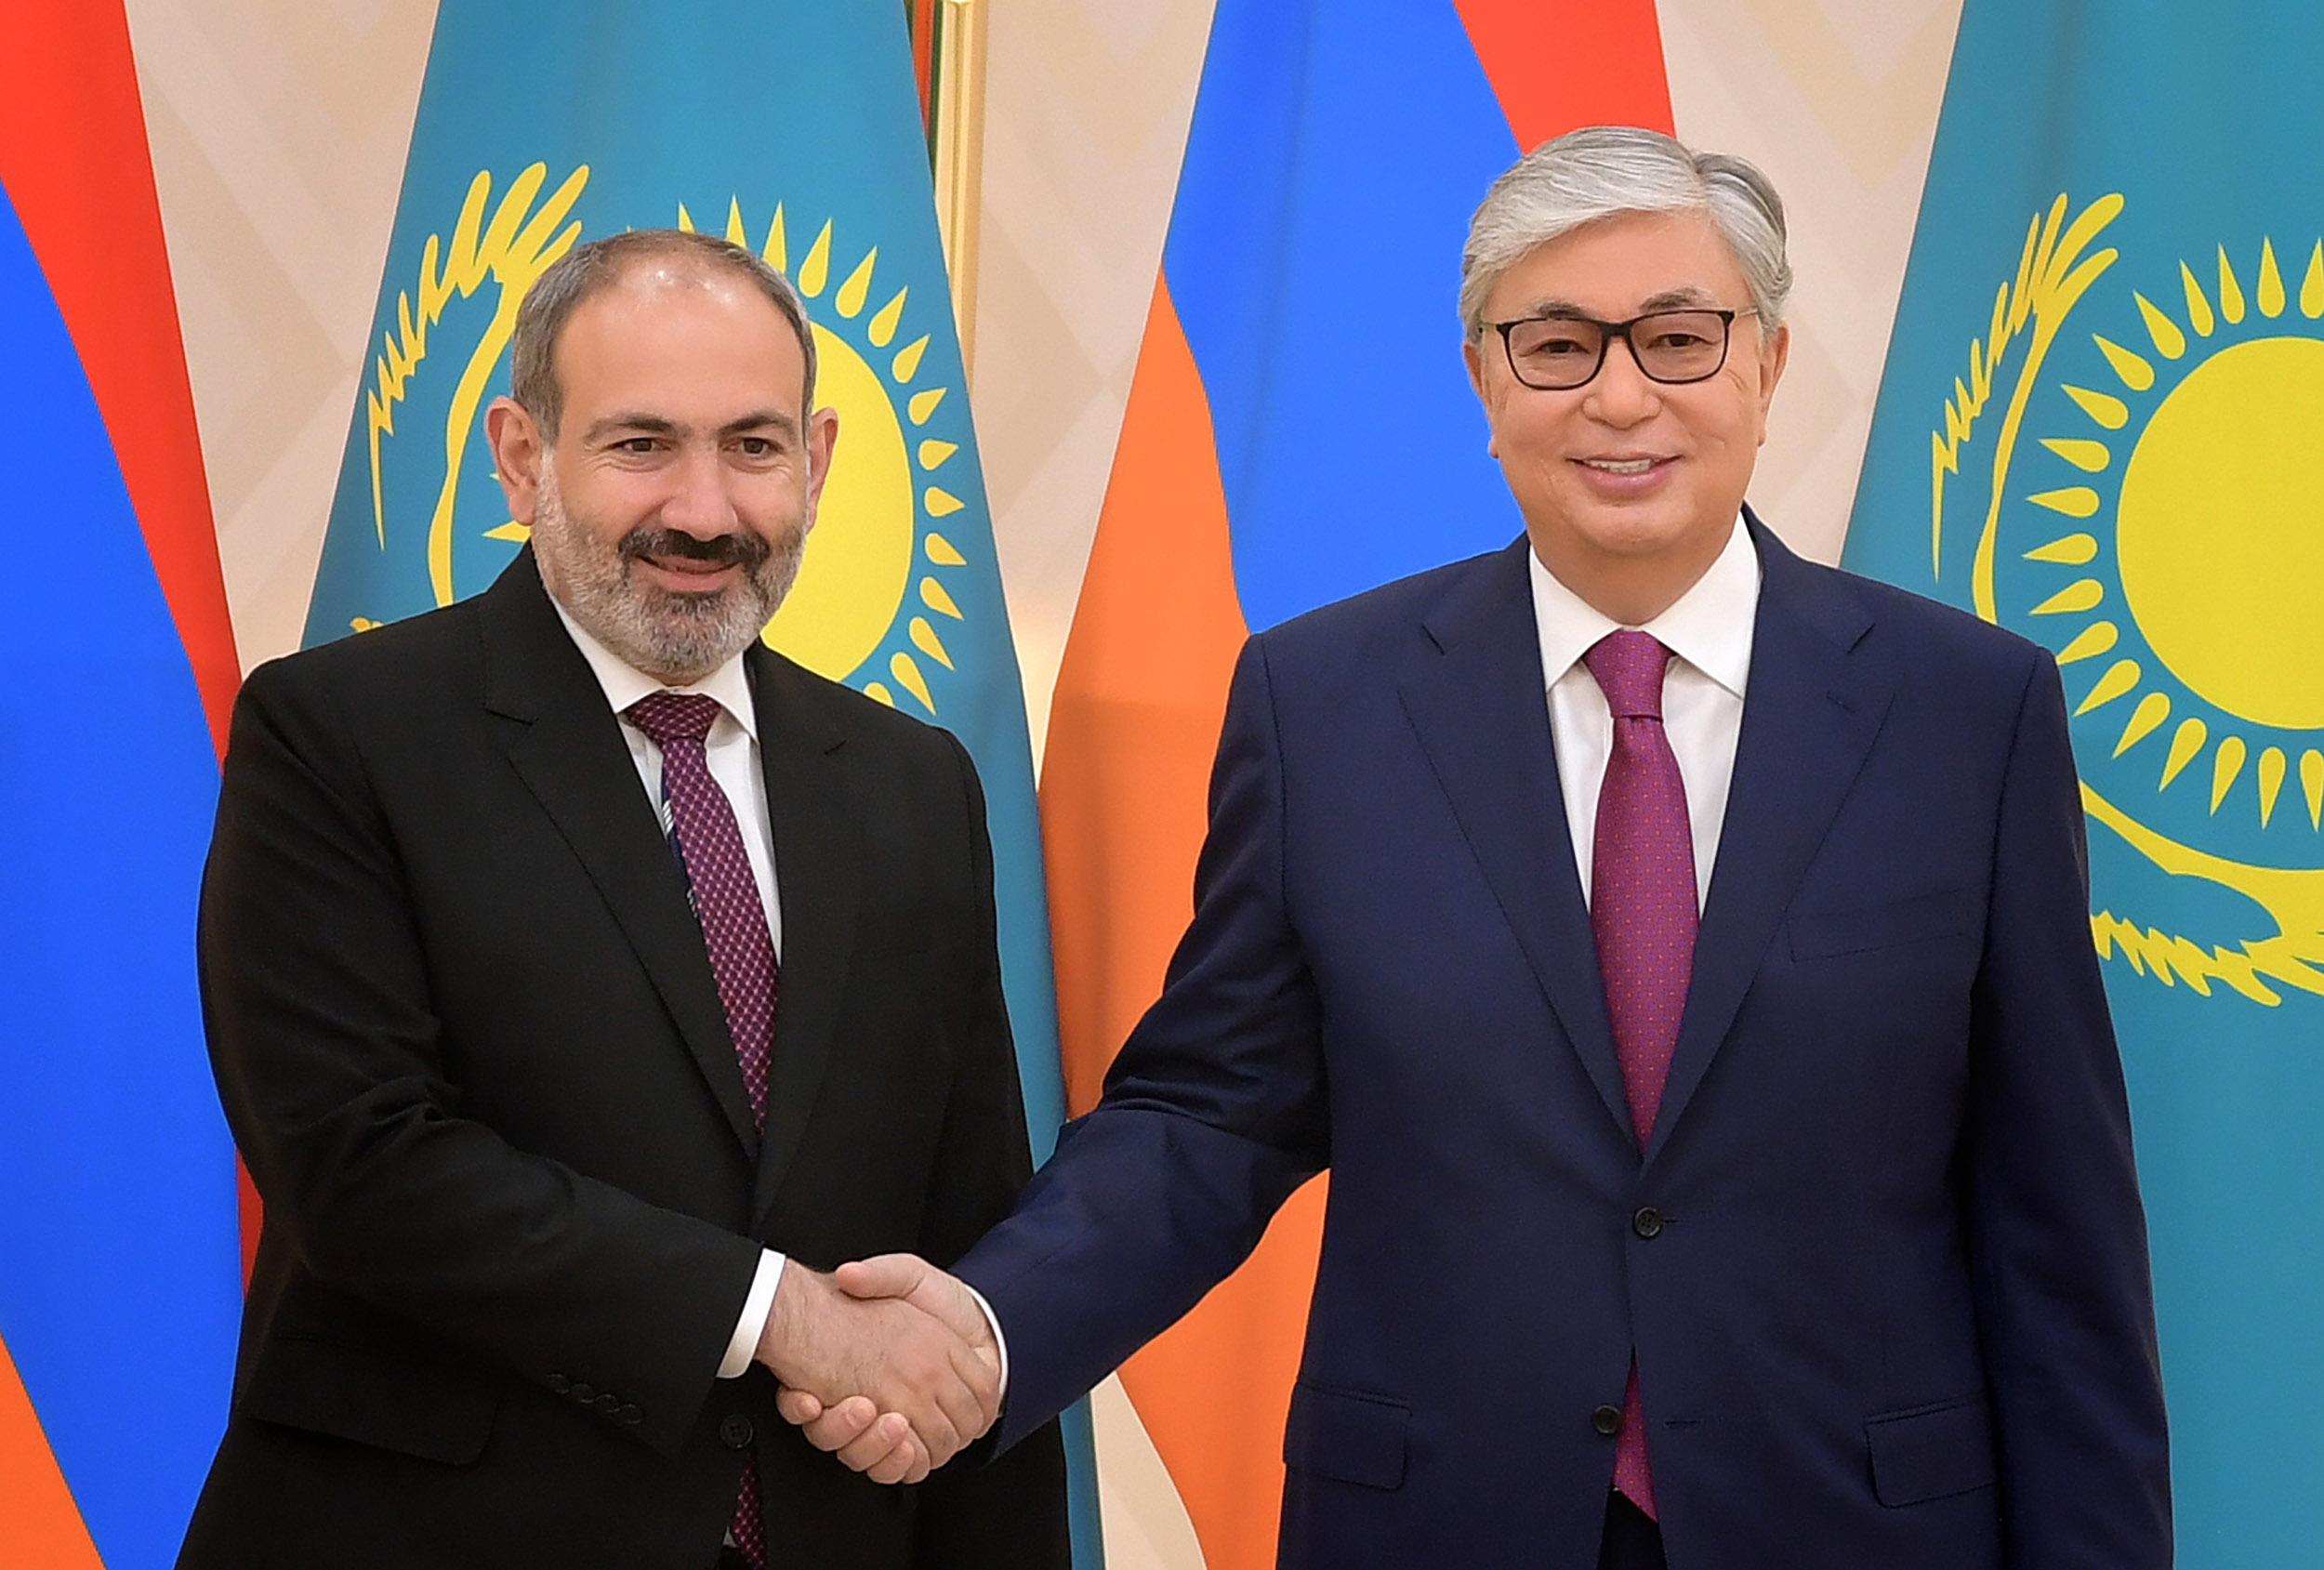 Казахстан и Армения намерены укреплять экономические отношения